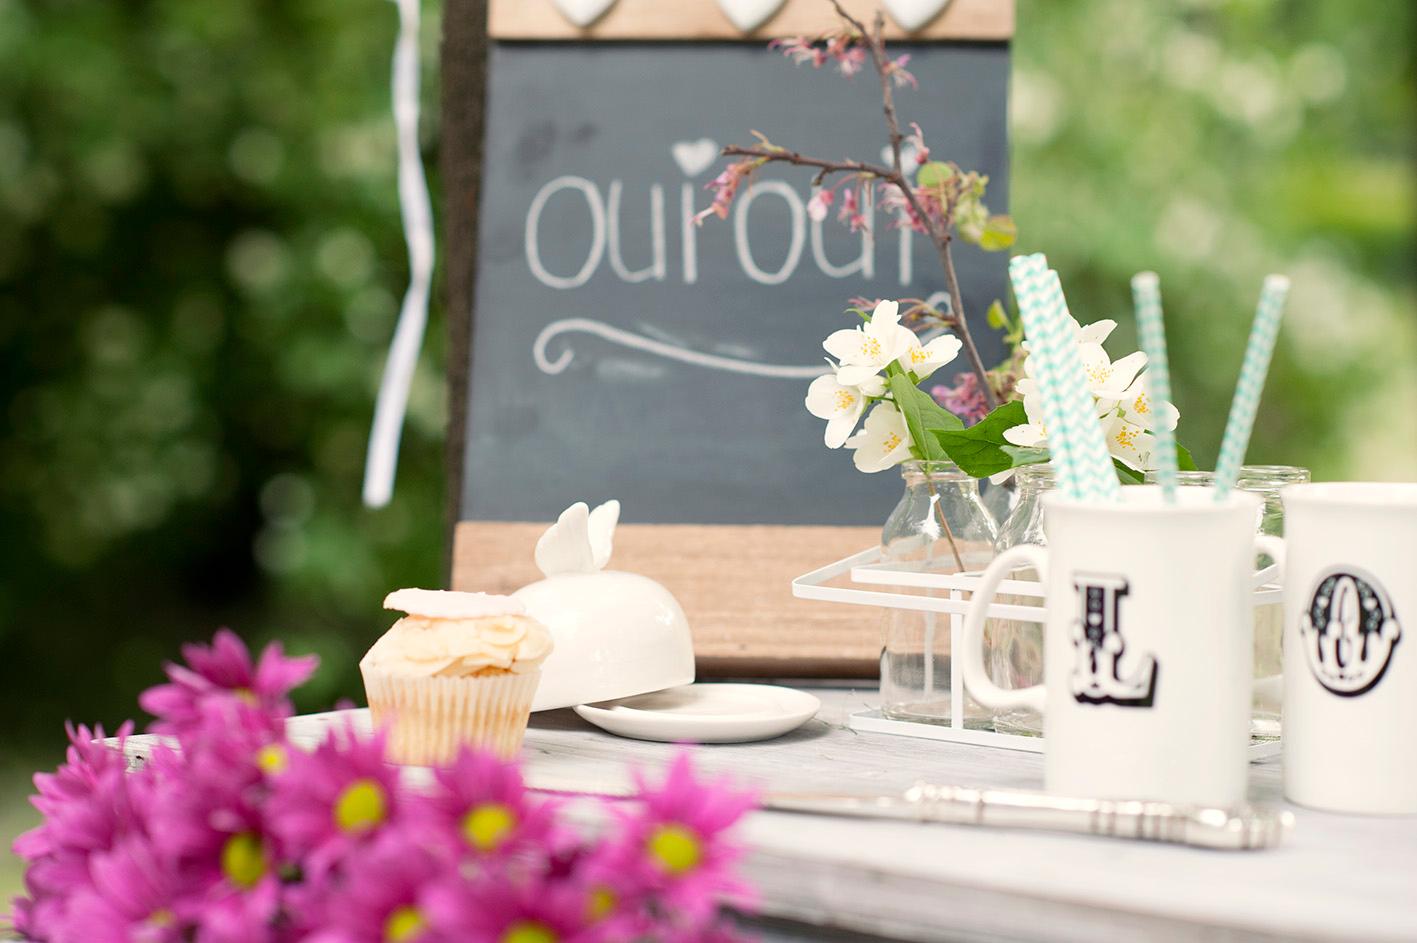 Oui Oui-detalles decoración boda-feria bodas vintage-love and vintage (33)